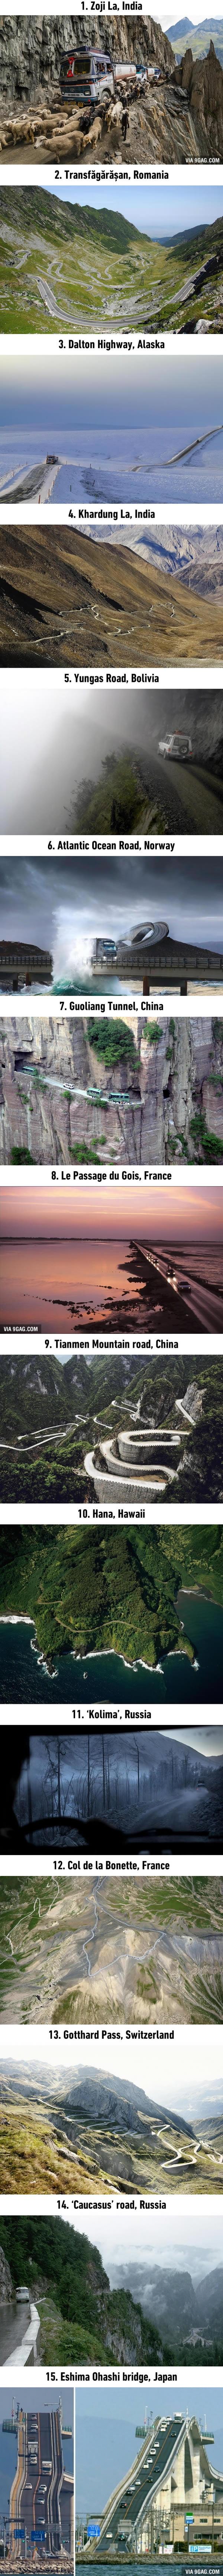 Las 15 rutas mas peligrosas del mundo